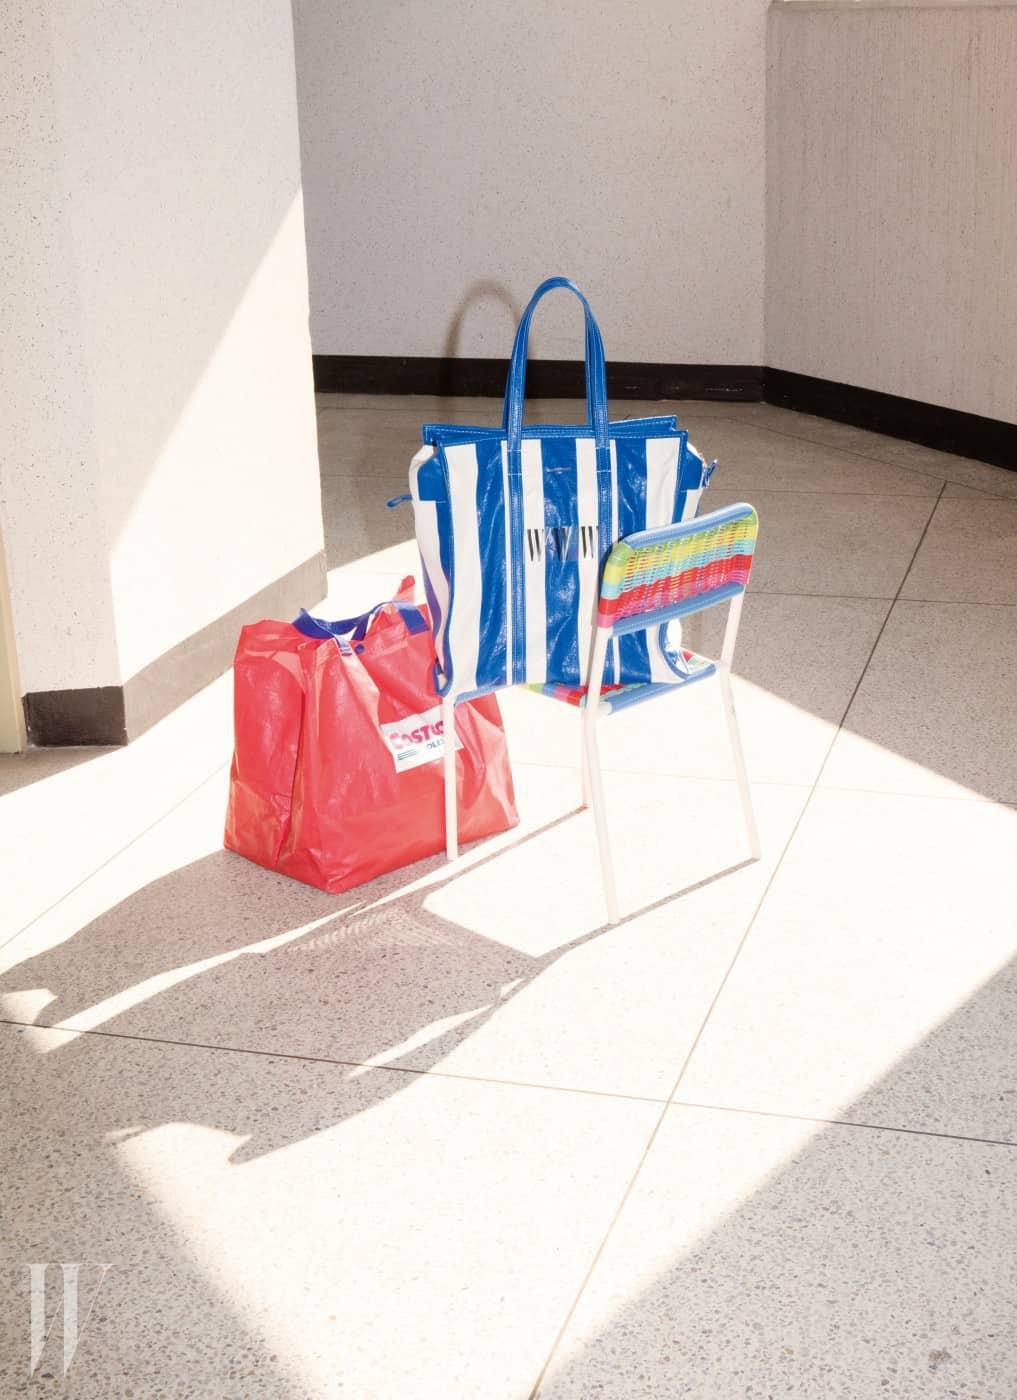 대형 매장의 리사이클 백을 닮은 토트백은 발렌시아가 제품.